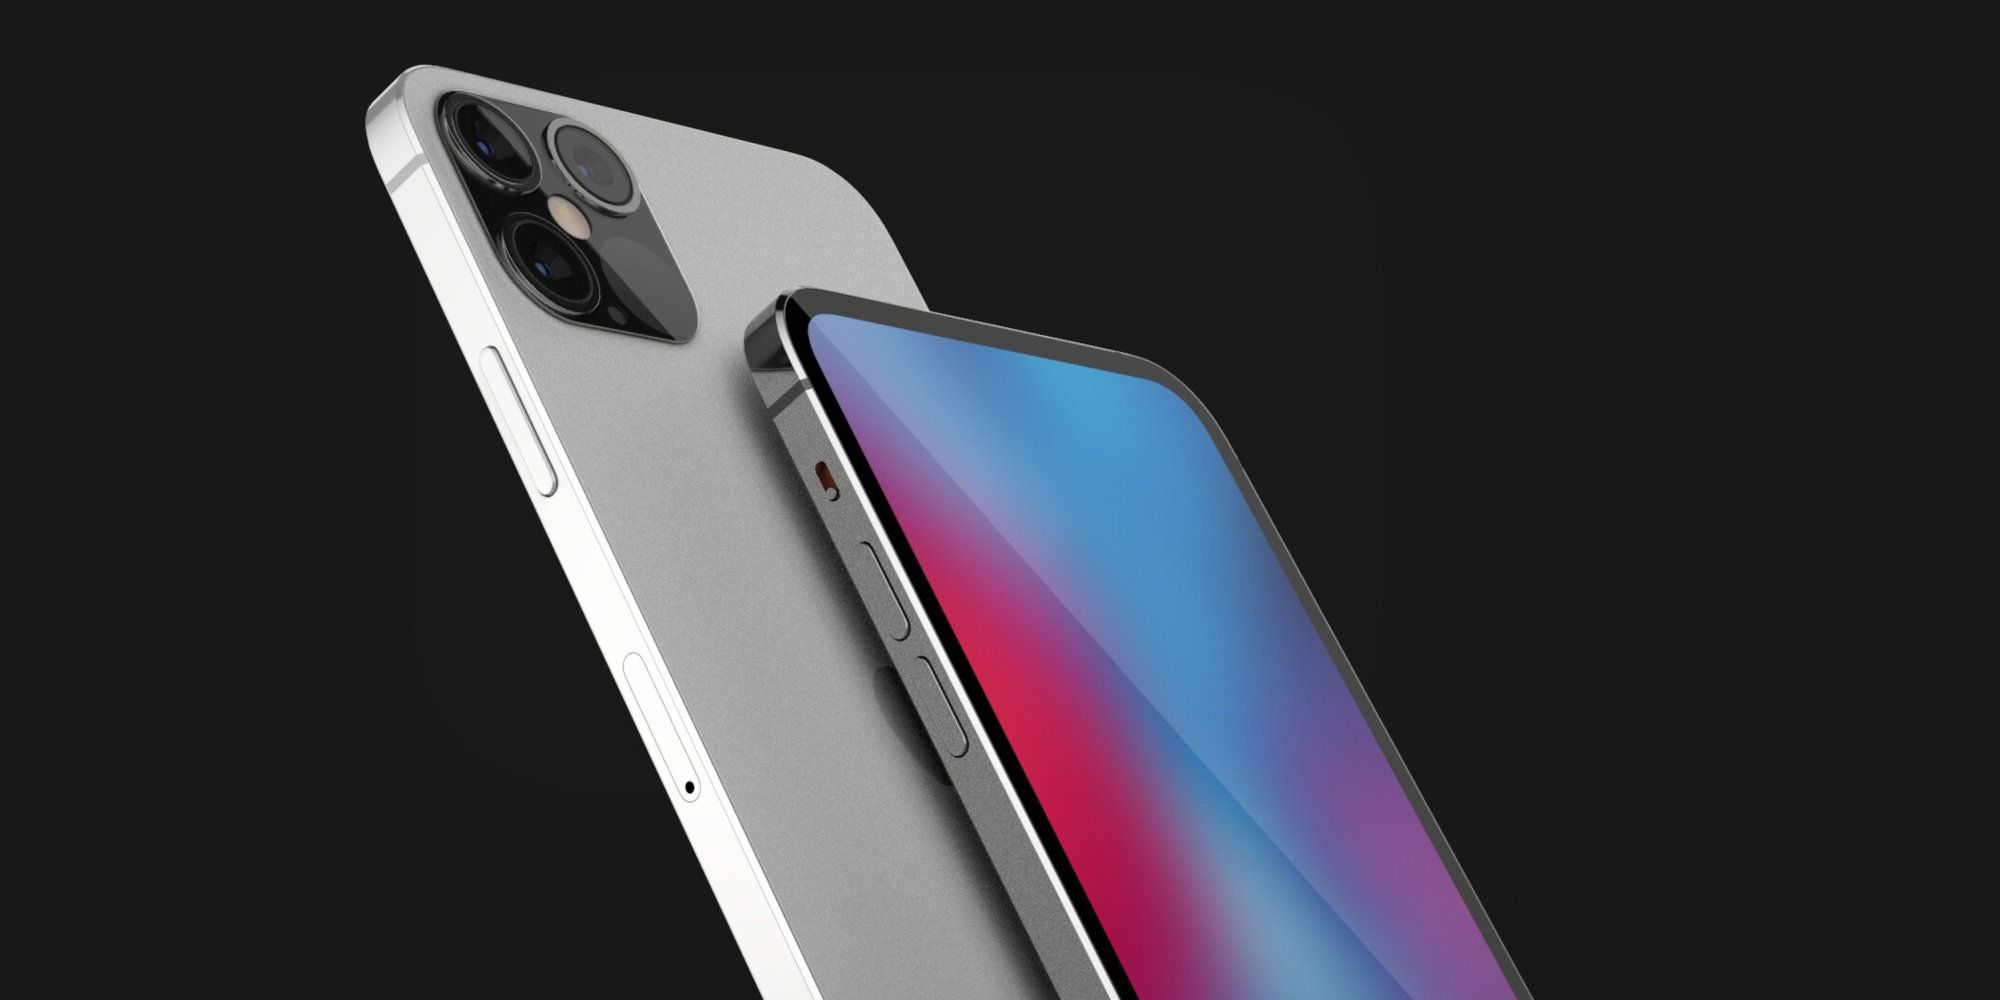 Iphone 12 Design Features Price More Rumor Leak Roundup